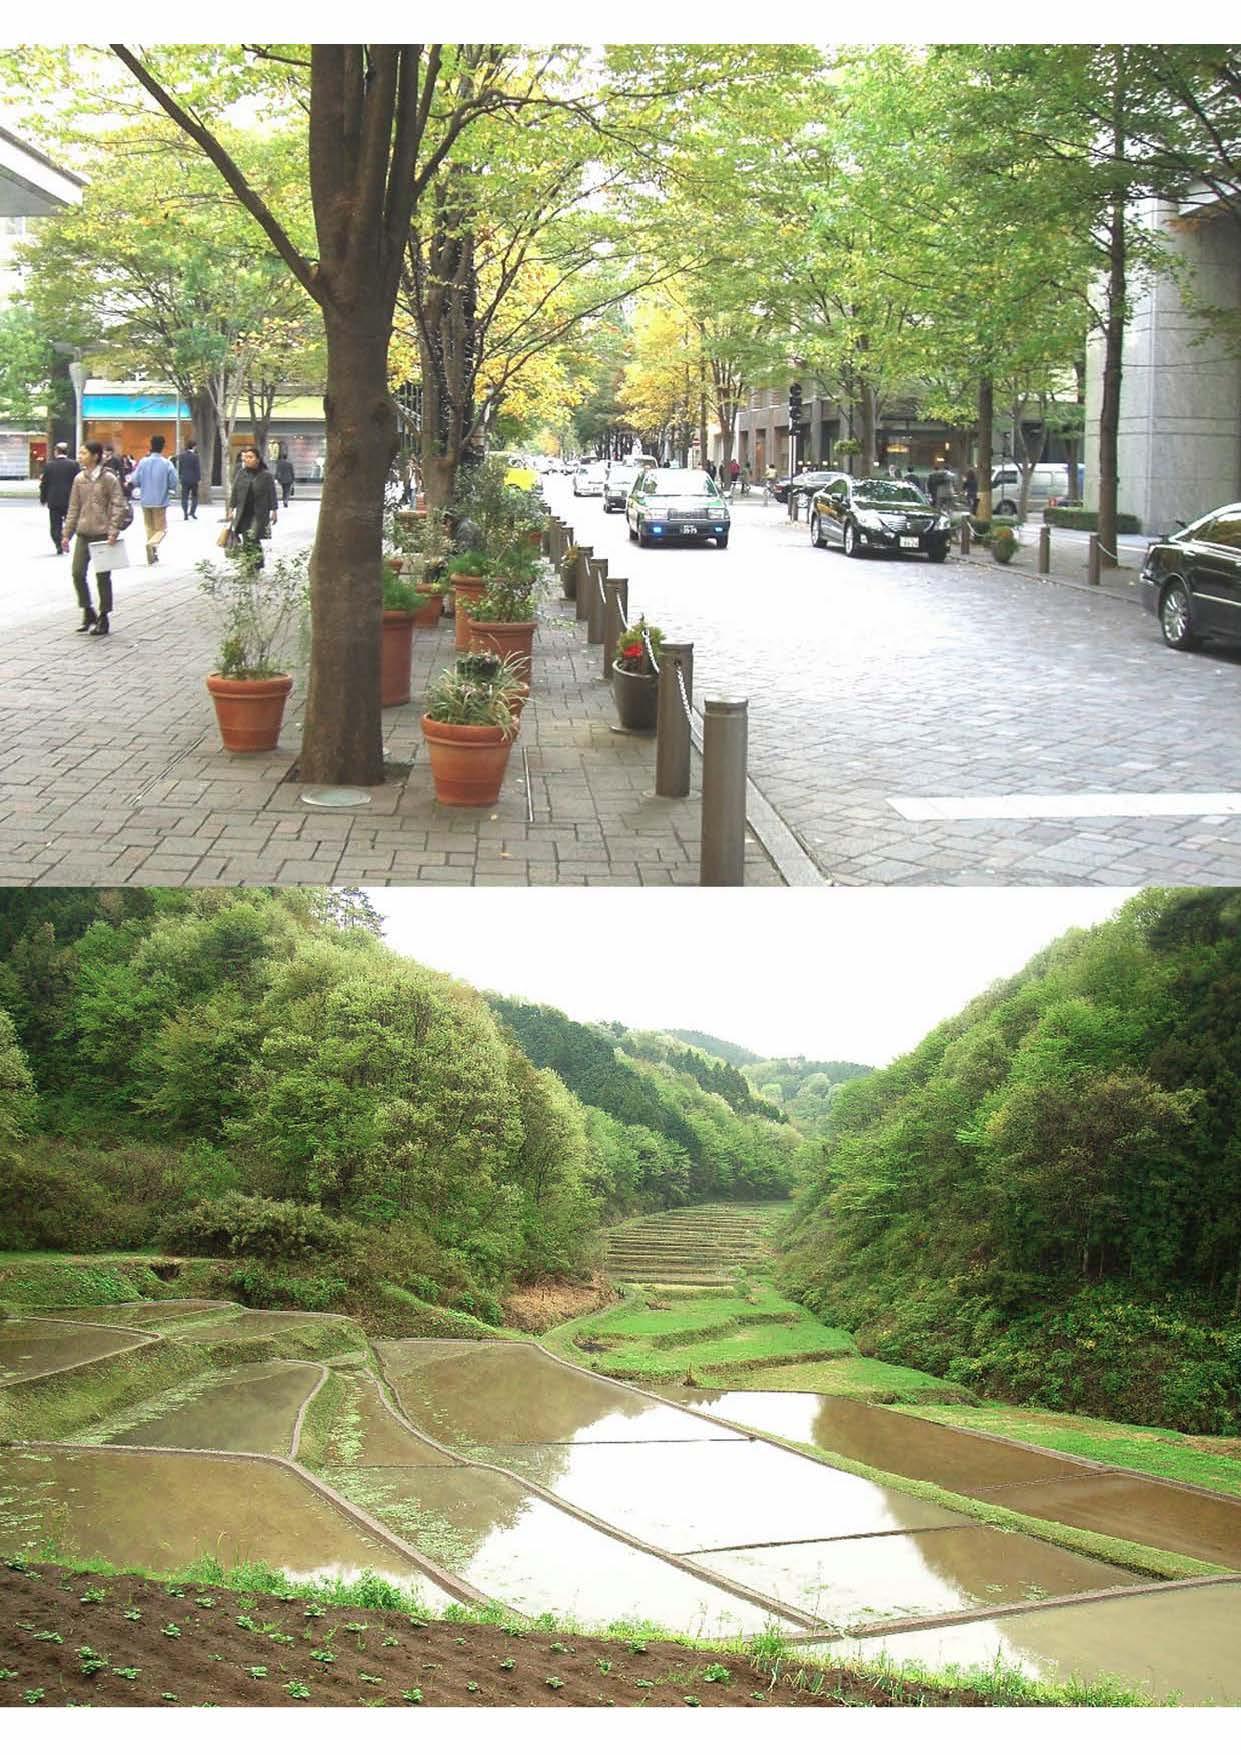 暮らしにうるおいを与える都市の緑(上)多様な生物の営みを支える里山ランドスケープ(下)